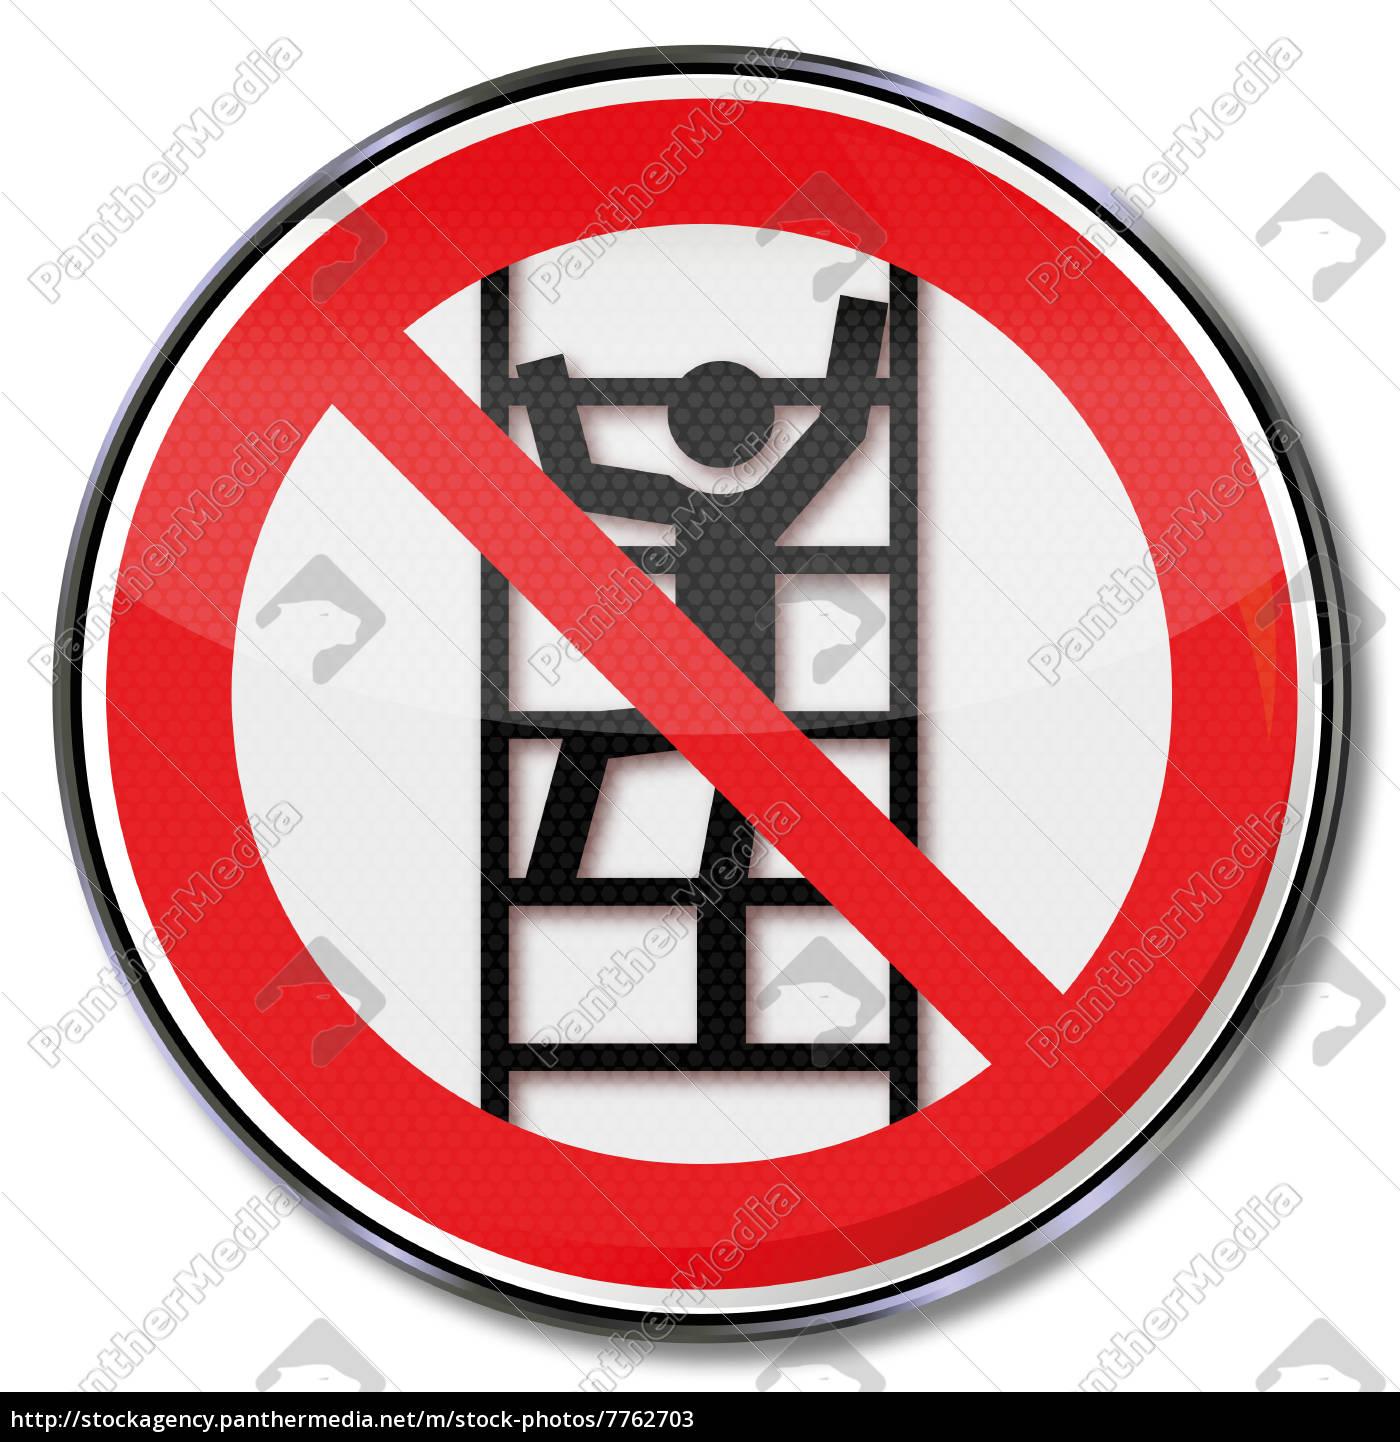 verbotszeichen unbefugtes besteigen verboten lizenzfreies bild 7762703 bildagentur. Black Bedroom Furniture Sets. Home Design Ideas